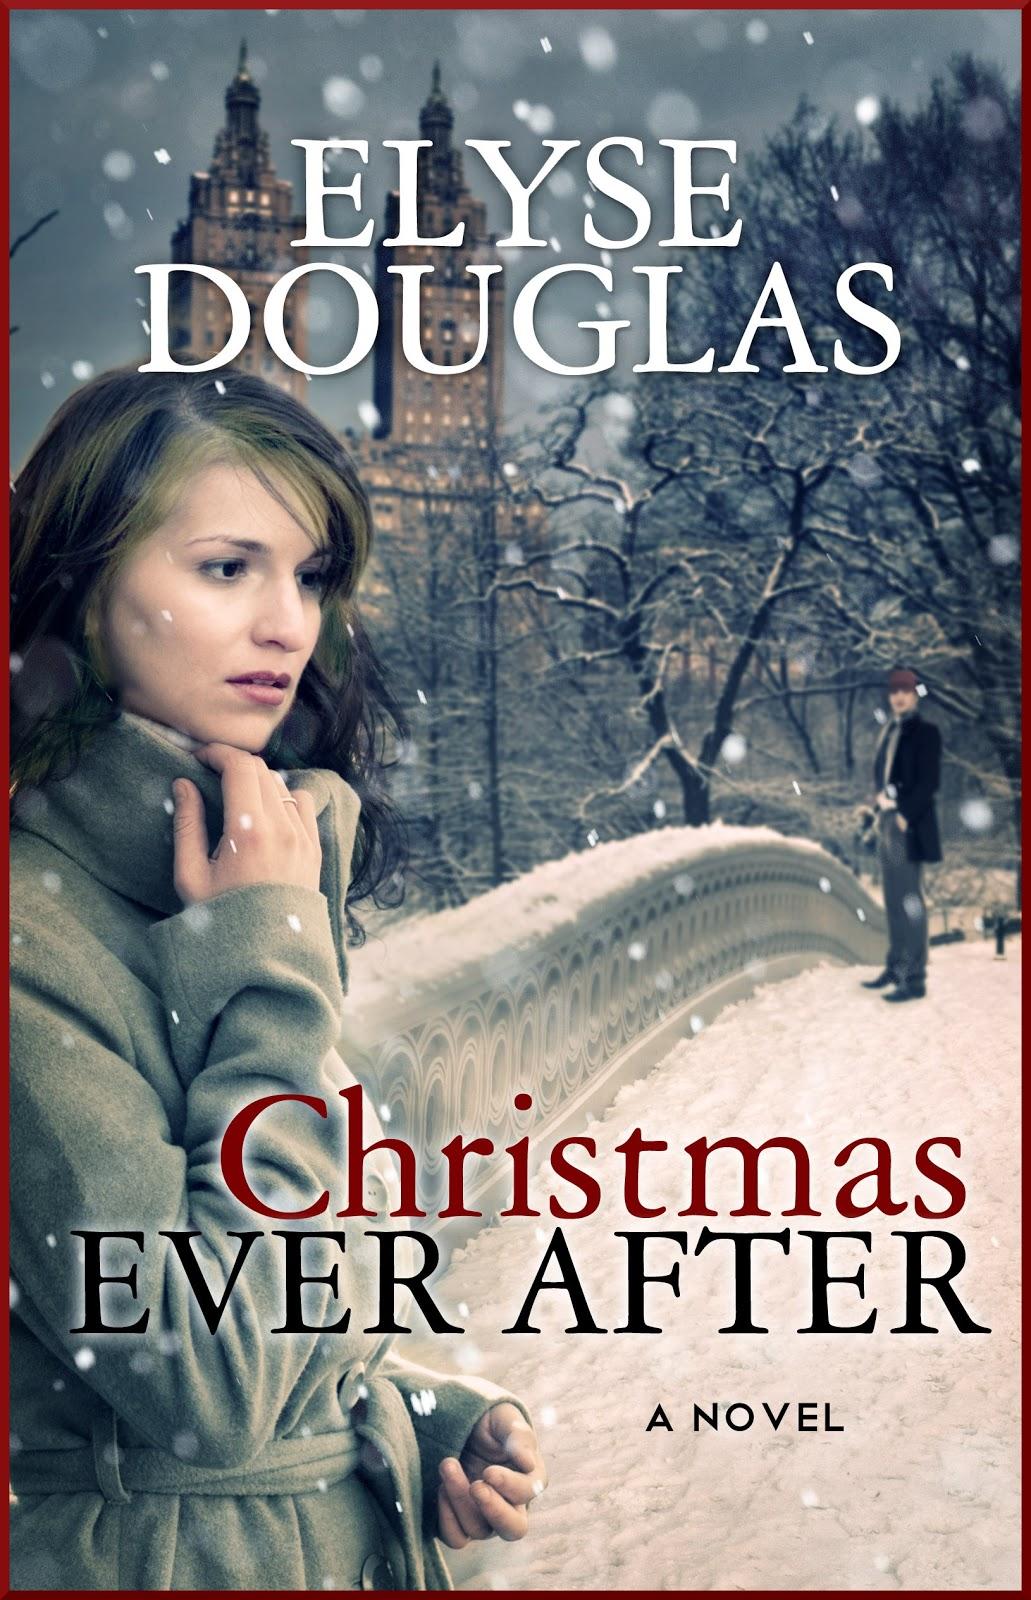 http://3.bp.blogspot.com/-HrgQ5sv9FPQ/UKbJ5KlP2SI/AAAAAAAAWj0/hXth1r-4fAg/s1600/Christmas+ever+after.jpg